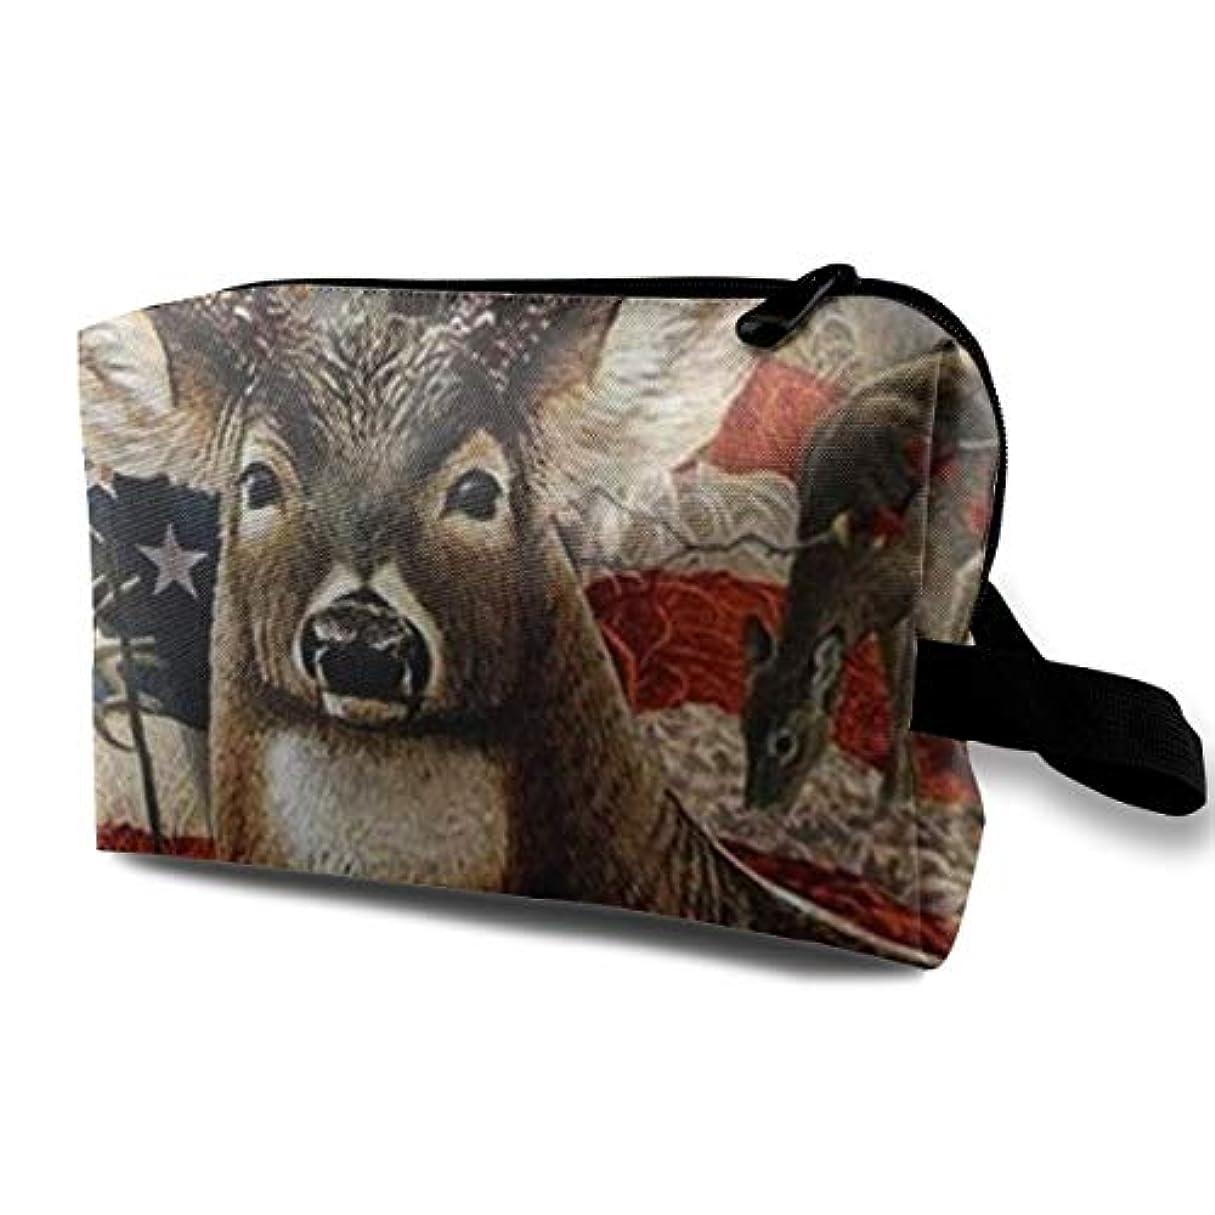 知覚する第二にタヒチDeer Hunting Season With USA Flag 収納ポーチ 化粧ポーチ 大容量 軽量 耐久性 ハンドル付持ち運び便利。入れ 自宅?出張?旅行?アウトドア撮影などに対応。メンズ レディース トラベルグッズ